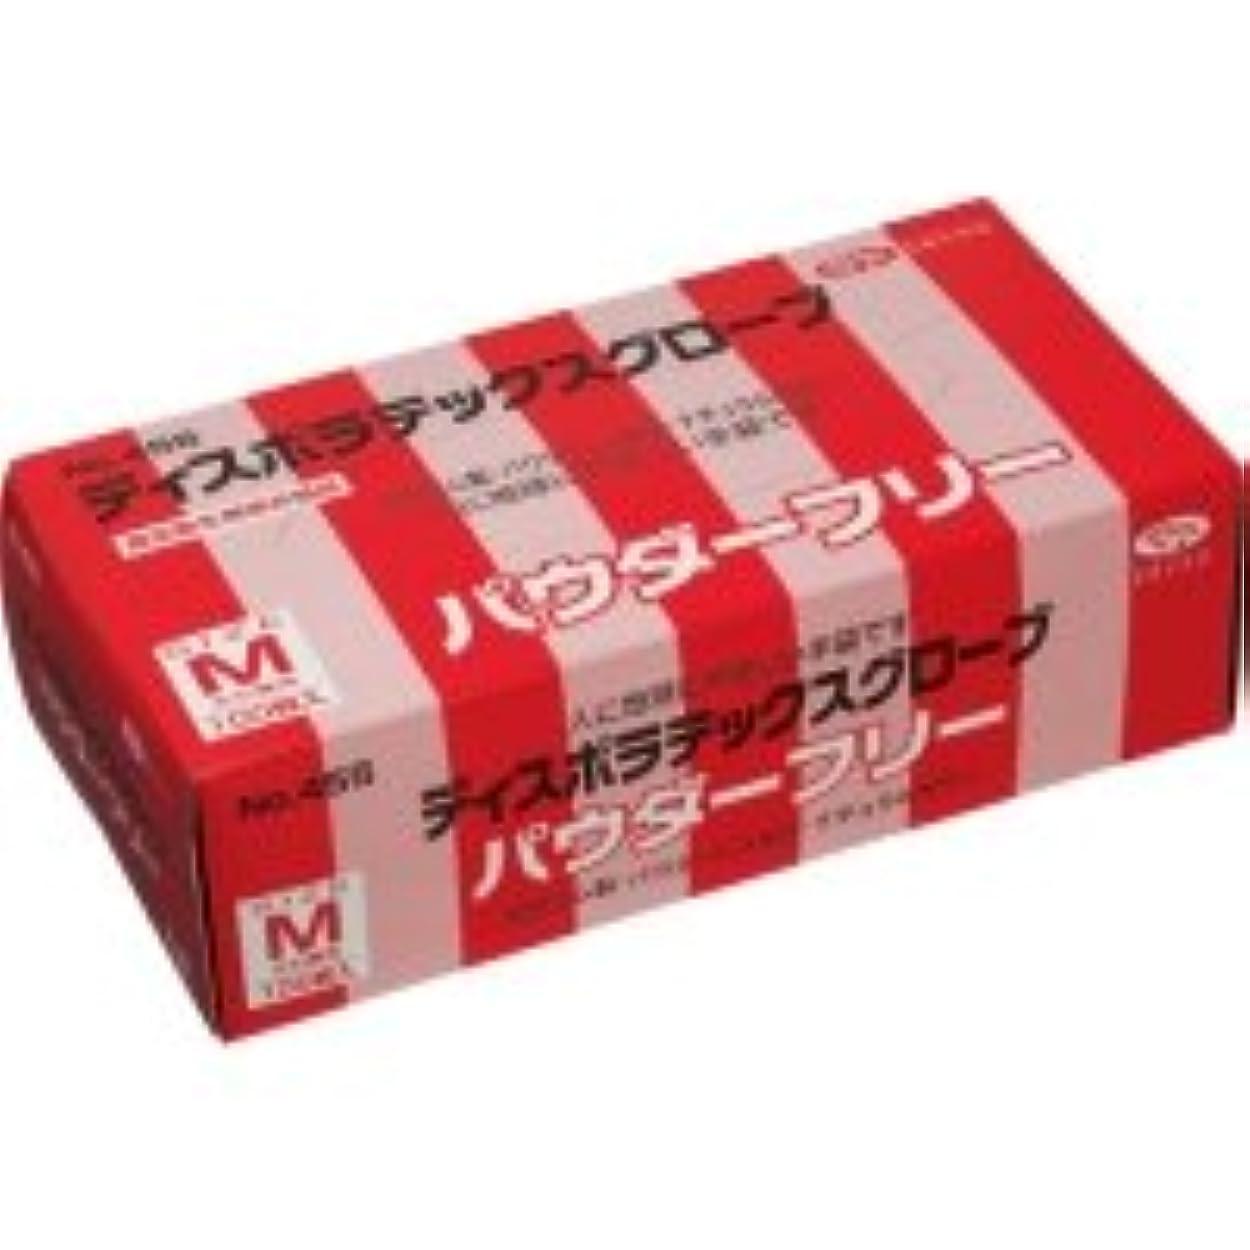 従事した主張仮説エブノ ディスポラテックスグローブ No.455 パウダーフリー M 1箱(100枚)